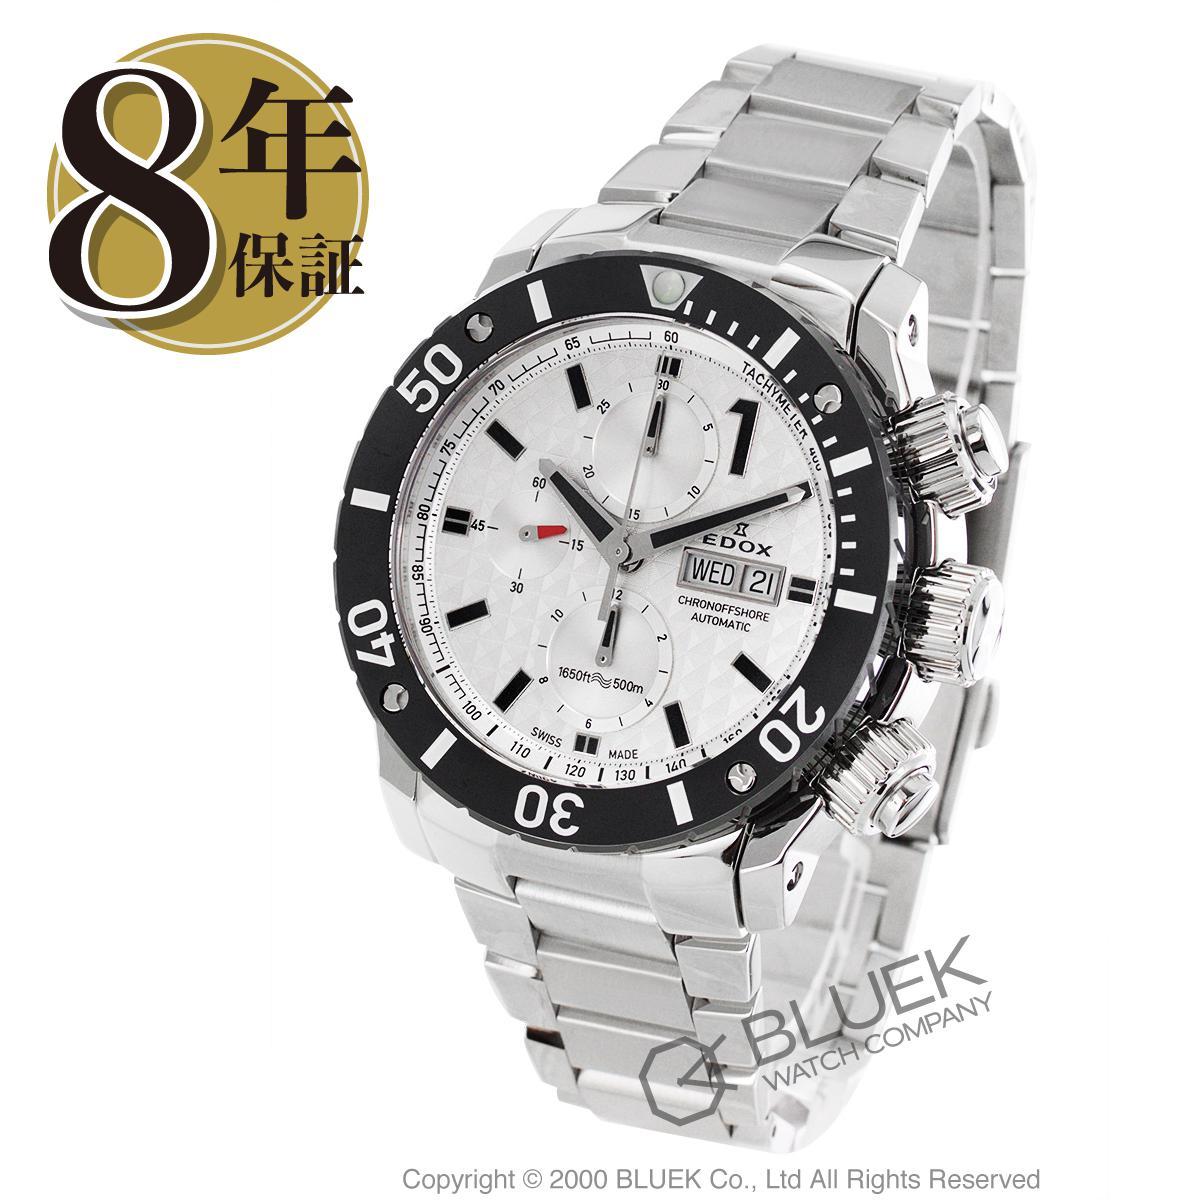 エドックス クロノオフショア1 クロノグラフ 500m防水 腕時計 メンズ EDOX 01115-3-BIN_8